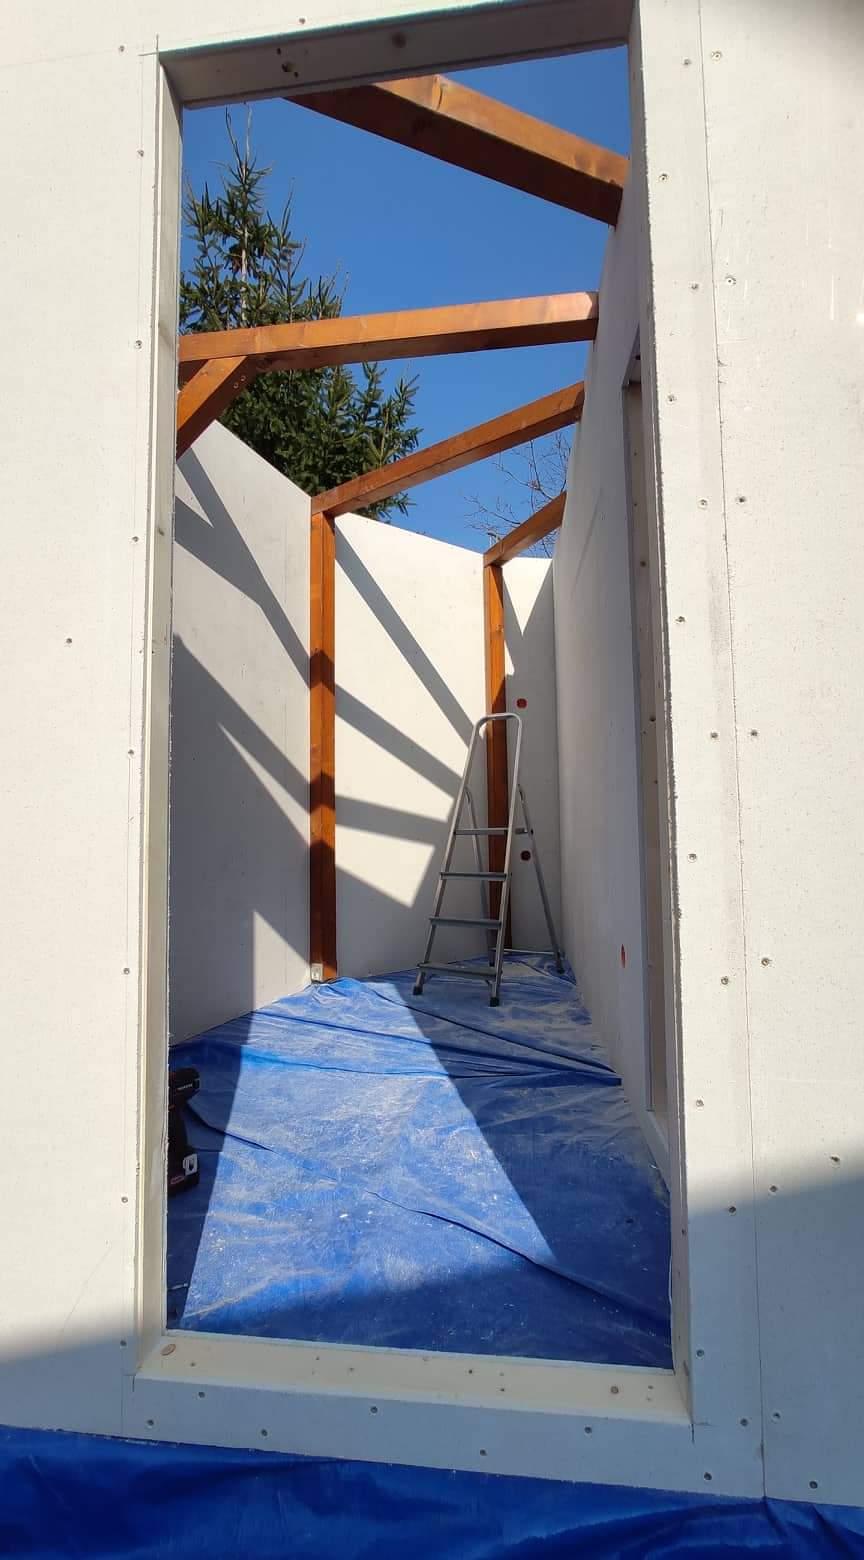 Relaxačný domček sauna a oddychová miestnosť ... plány, príprava a realizácia - Obrázok č. 78